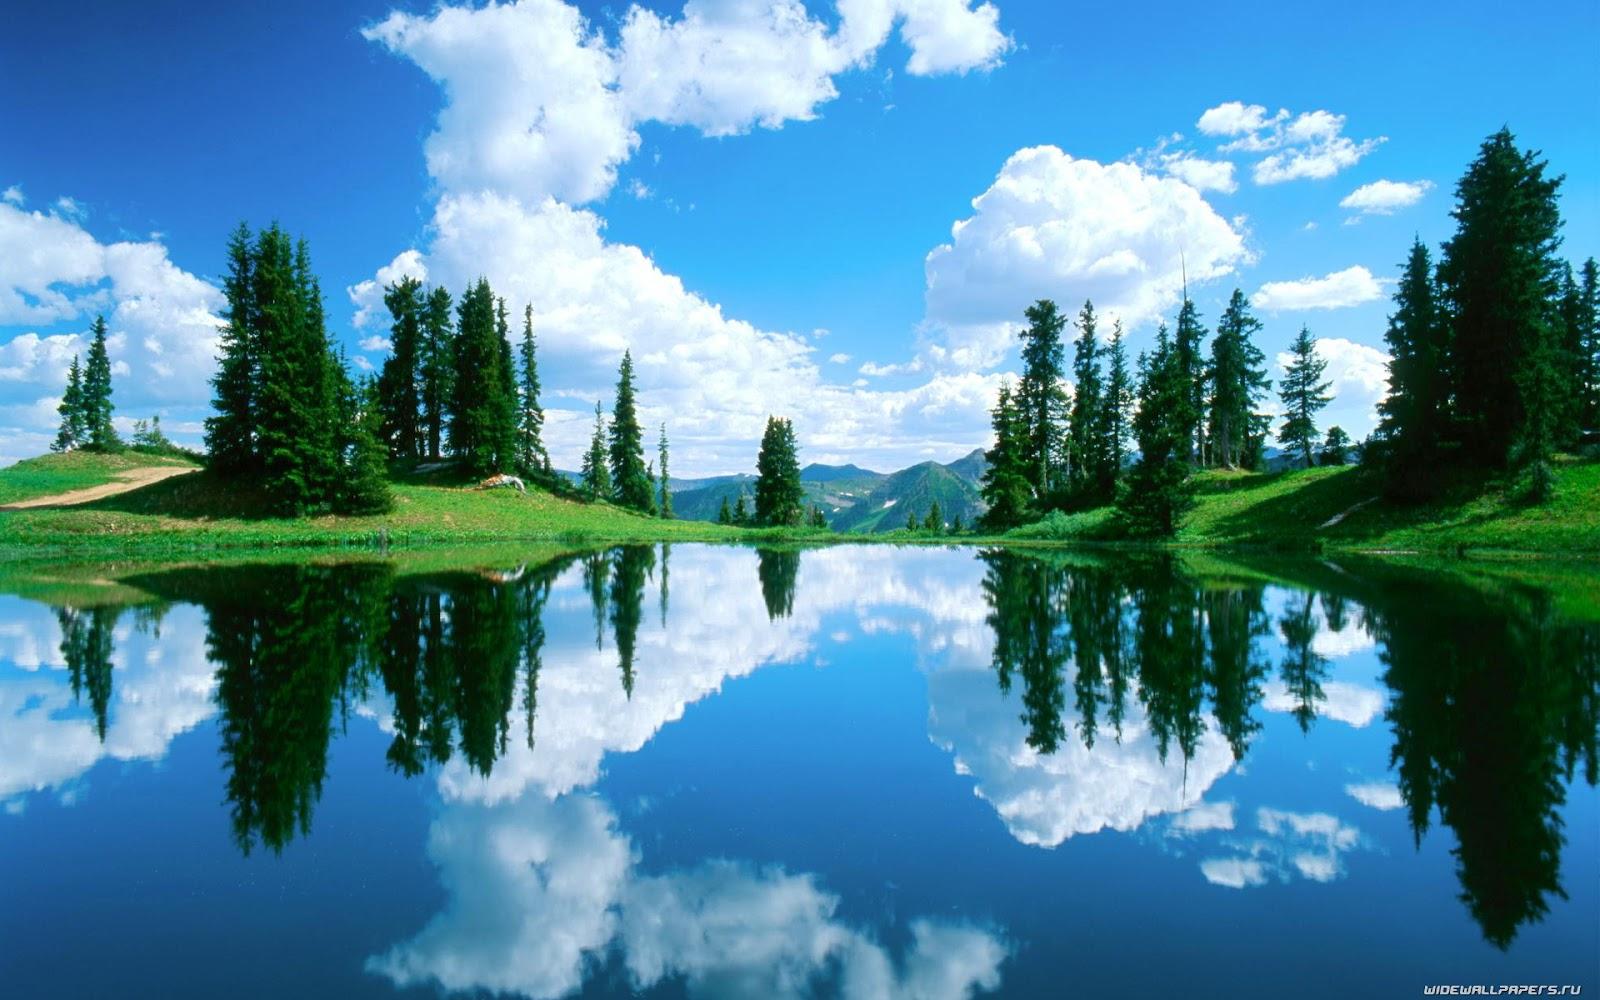 http://2.bp.blogspot.com/-2fIcNa53yXY/TzLJrgOnTEI/AAAAAAAAAJQ/yg04x7Grj40/s1600/hd-nature-wallpaper.jpg